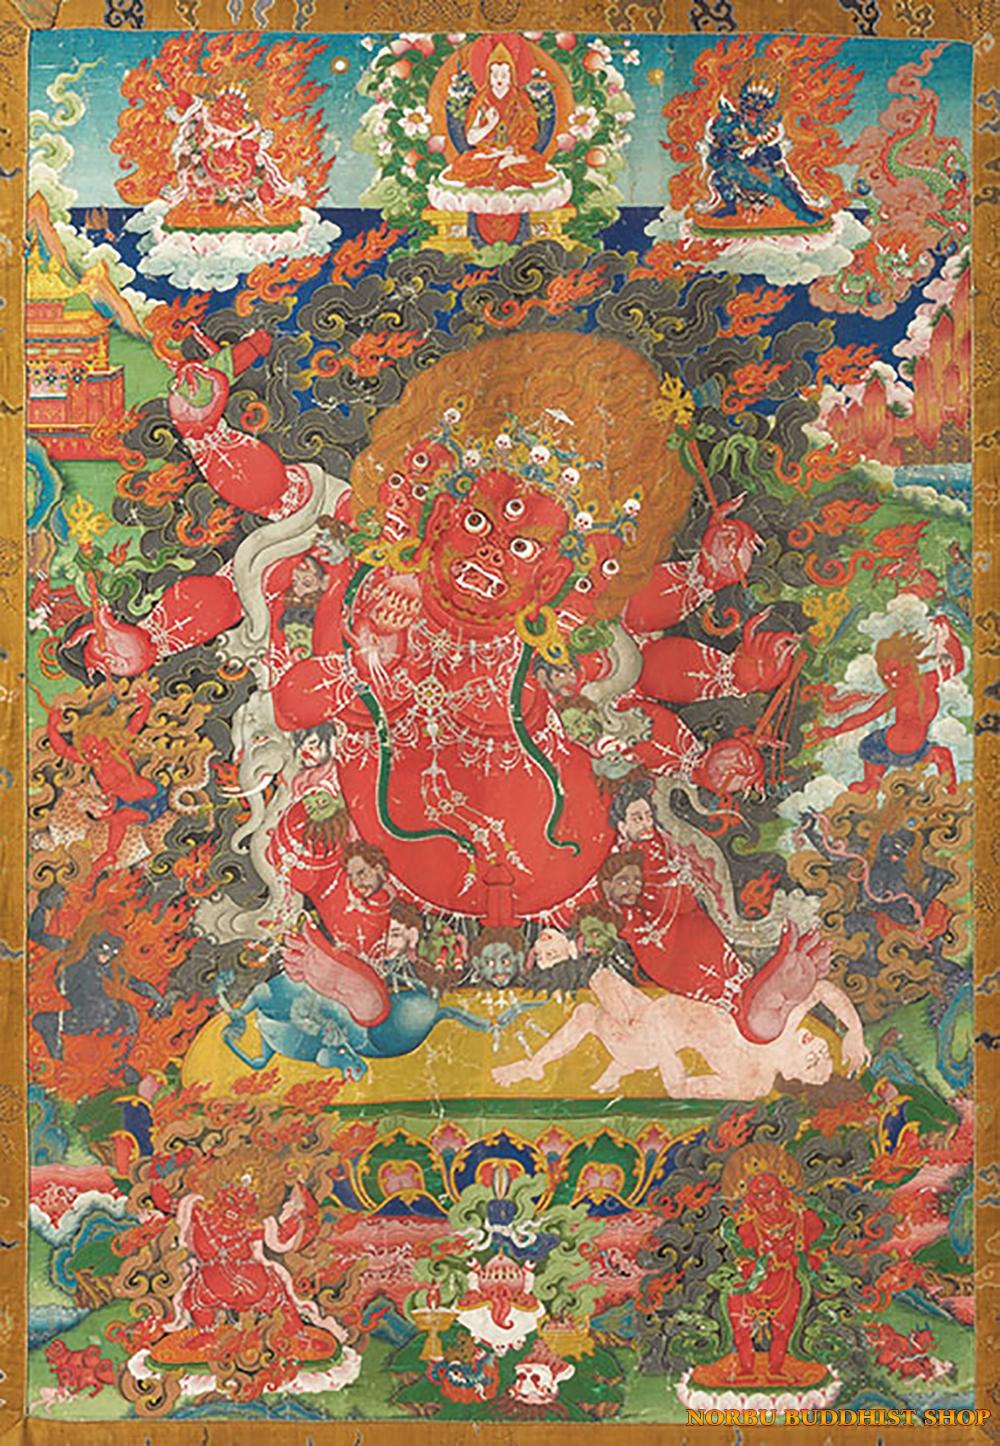 Ý nghĩa tôn giáo trong tranh Thangka Tây Tạng - Tangka Tibet có gì đặc sắc? 3